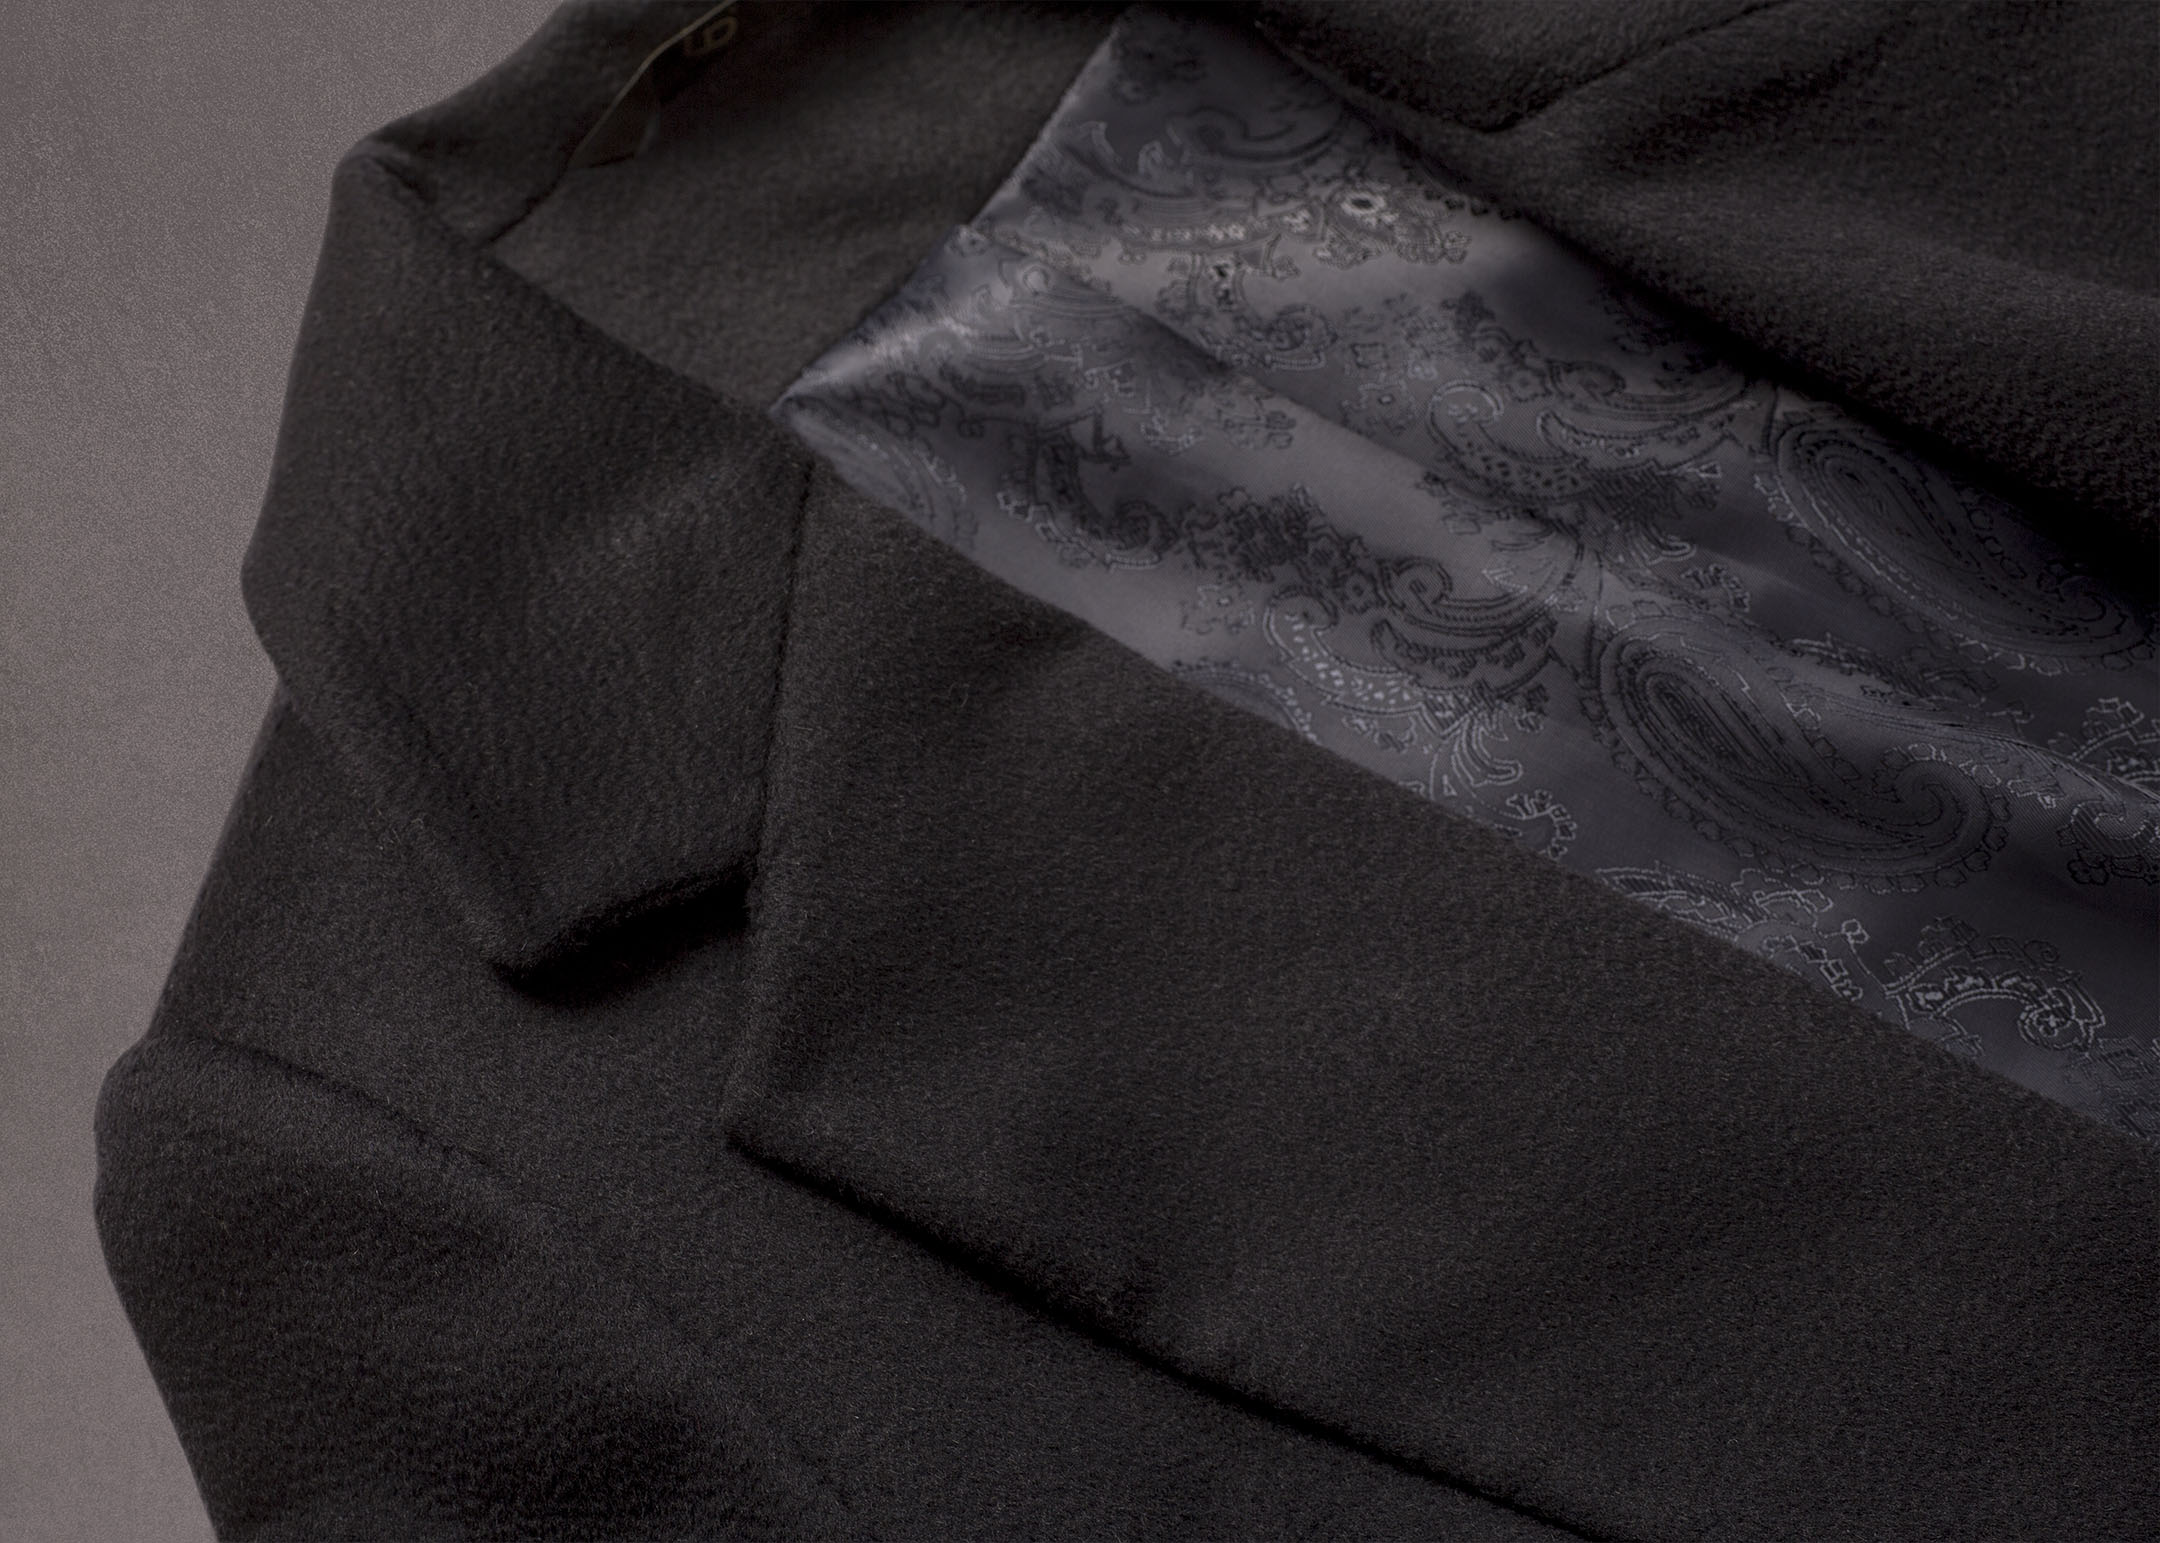 Meldes De Luxe – Manteau 100% cachemire fermeture croisée – Bleu nuit - Réf: 393-2-02